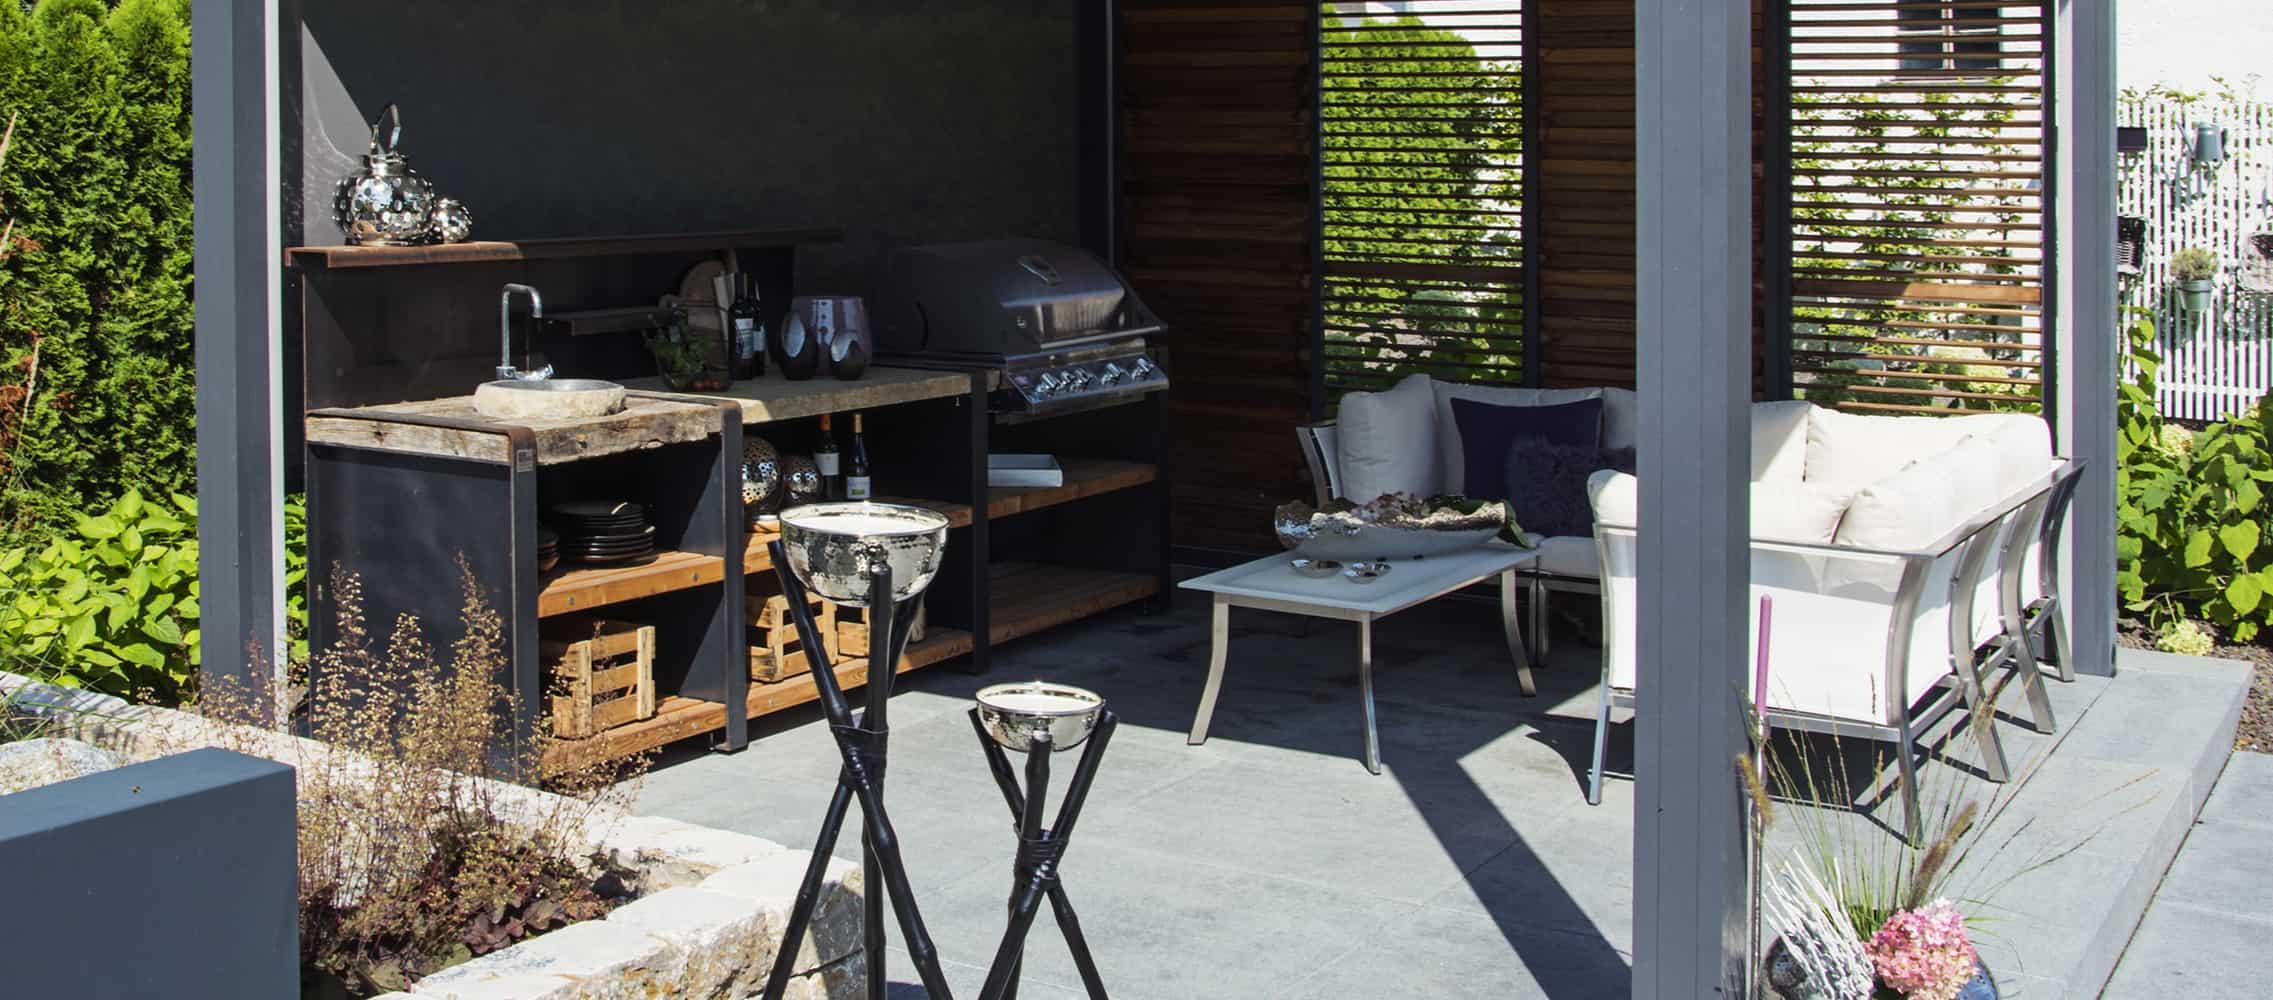 Outdoor Küche mit Sitzgelegenheit im Garten